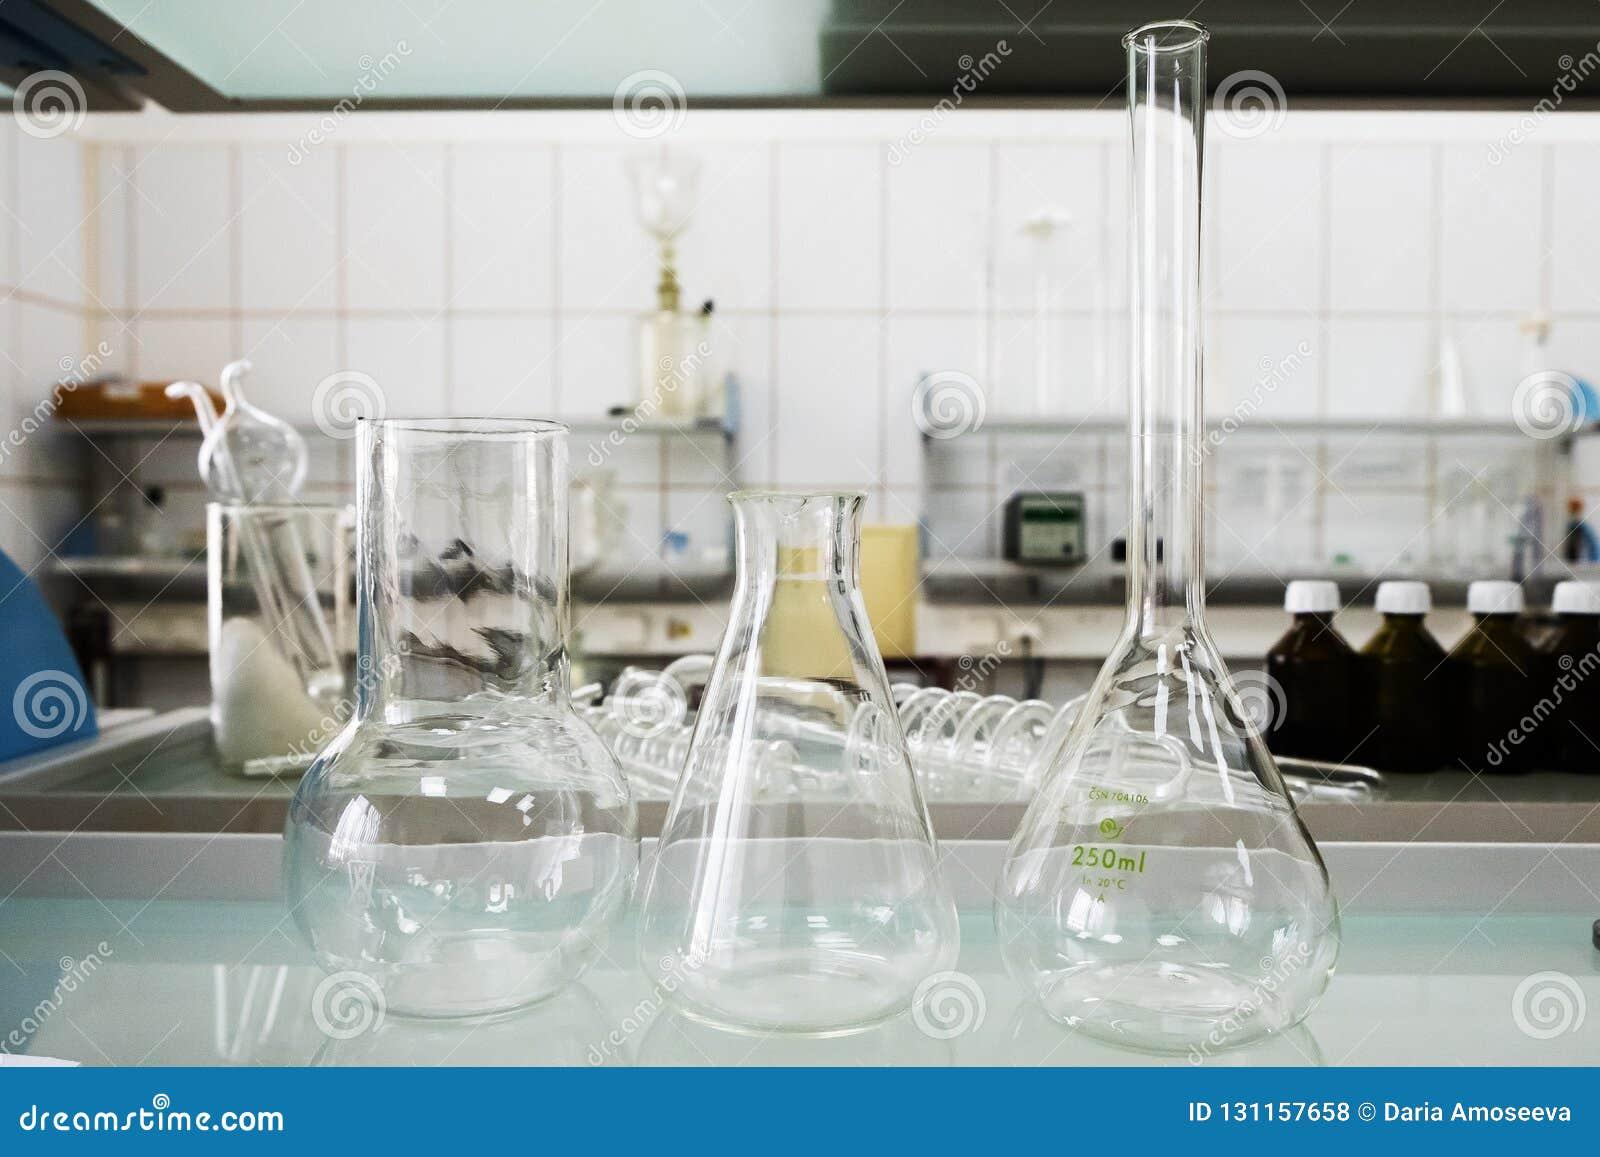 Κενές φιάλες Εξοπλισμός εργαστηριακής ανάλυσης Χημικό εργαστήριο, δοκιμή-σωλήνες γυαλικών